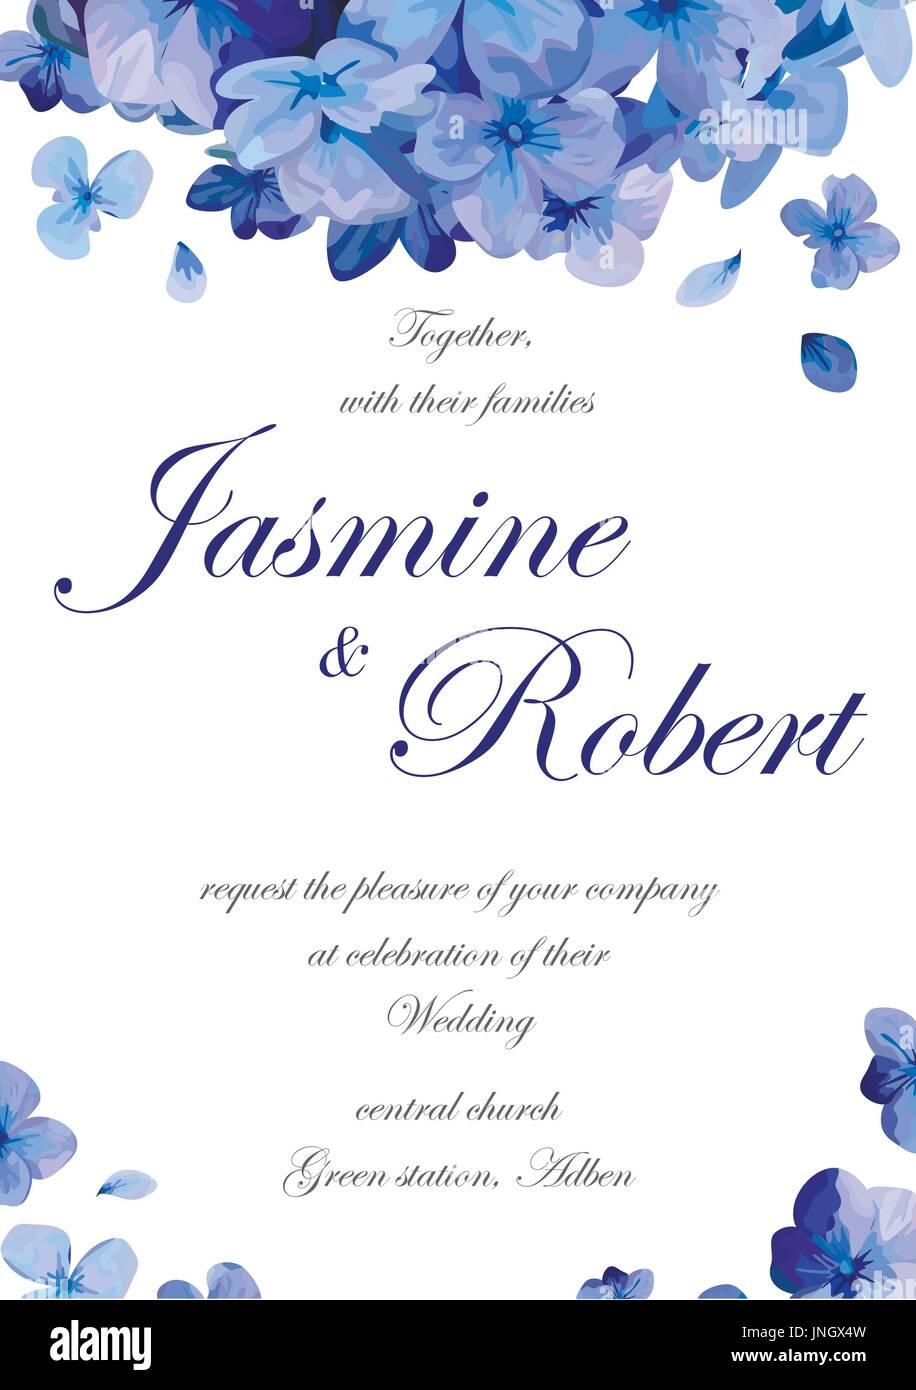 Hochzeit Einladung Blume Laden Kartendesign Mit Blau Lila Garten Hortensie  Blume Hortensia Blumen Romantische Poster, Banner. Vertikale Anniv Vektor